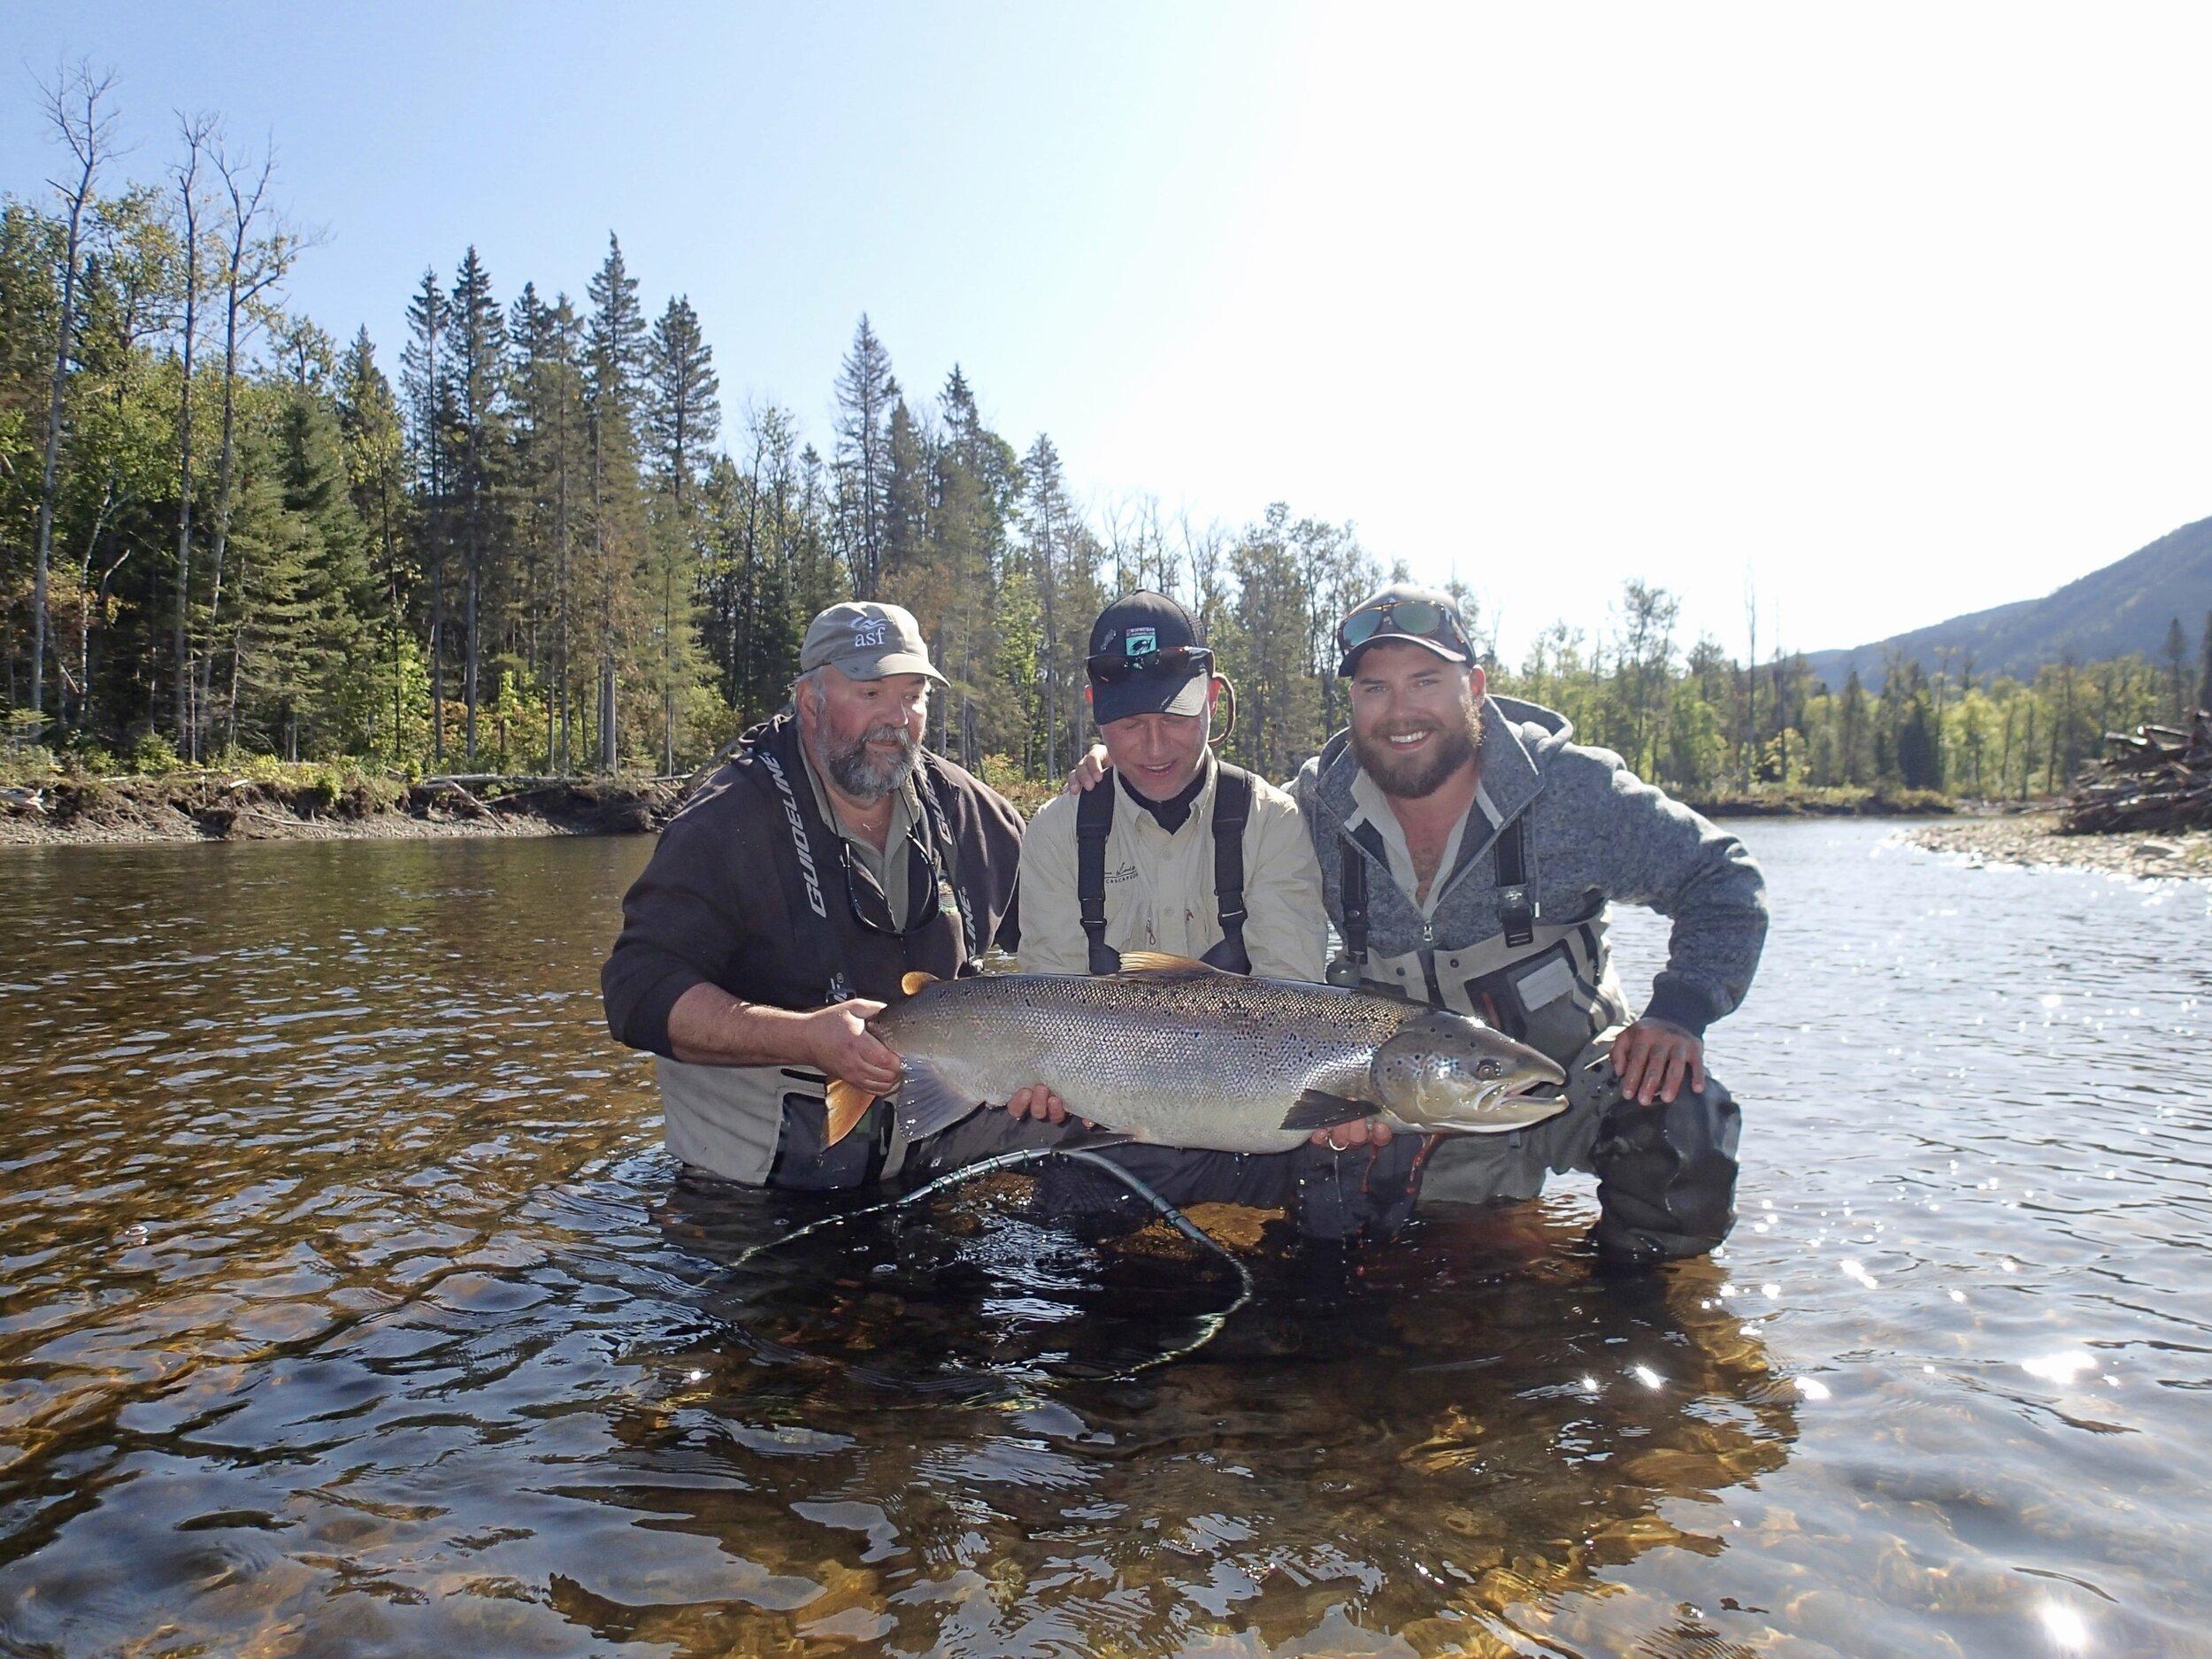 Notre bon ami Thomas Mahnke a battu son propre record deux fois cette semaine à Salmon Lodge! Le voici en admiration devant le superbe spécimen qu'il a capturé dans la Cascapédia. Félicitations, Thomas! Nous sommes très heureux pour toi!